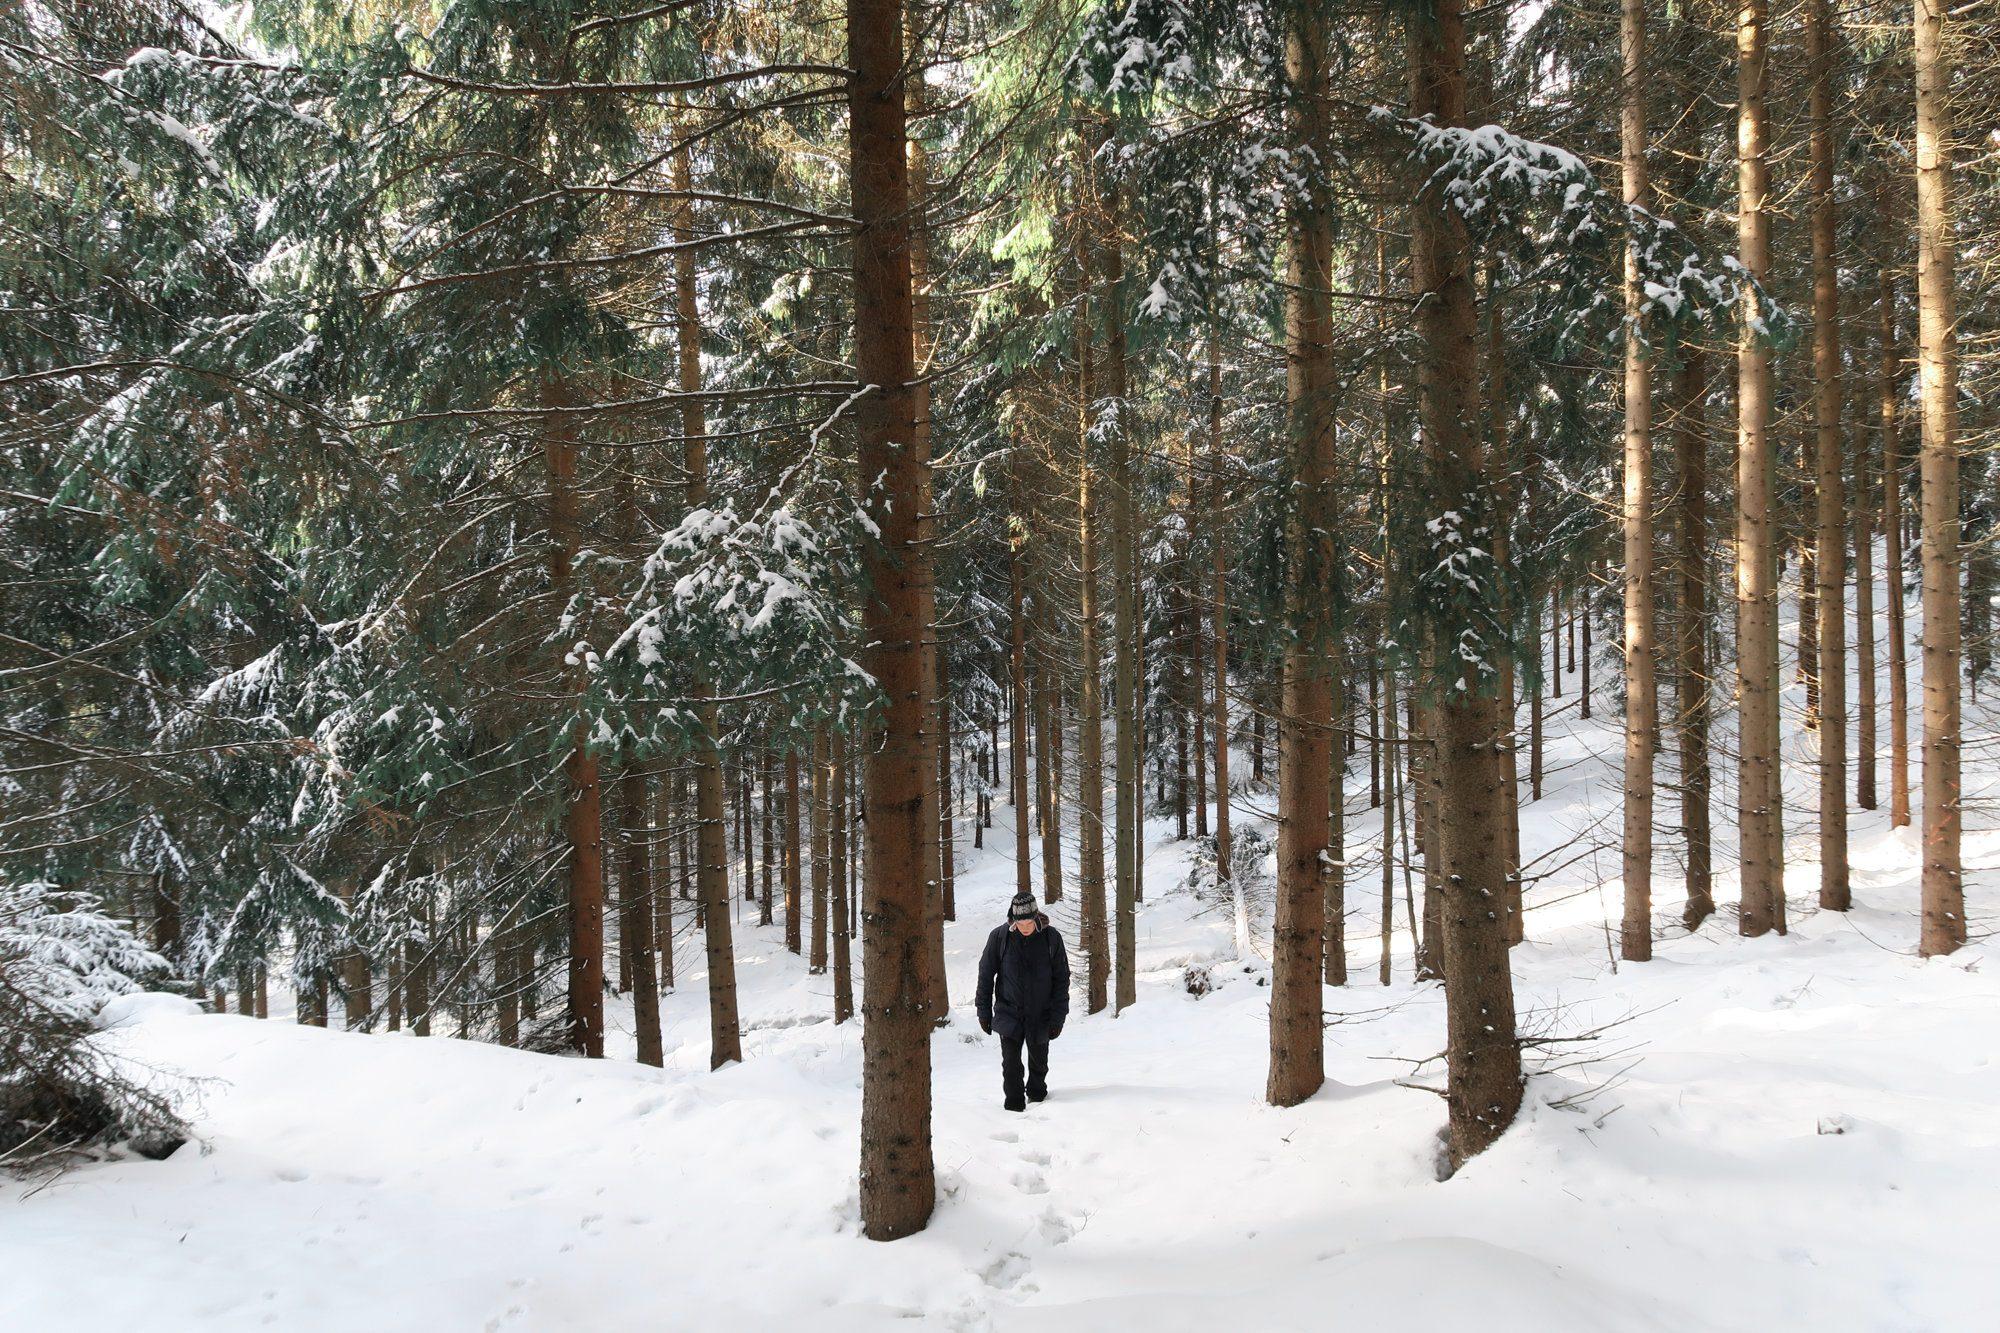 Wandern durch tiefverschneite Wälder. Winterwandern im Vogtland, Felsenweg, Grünbach